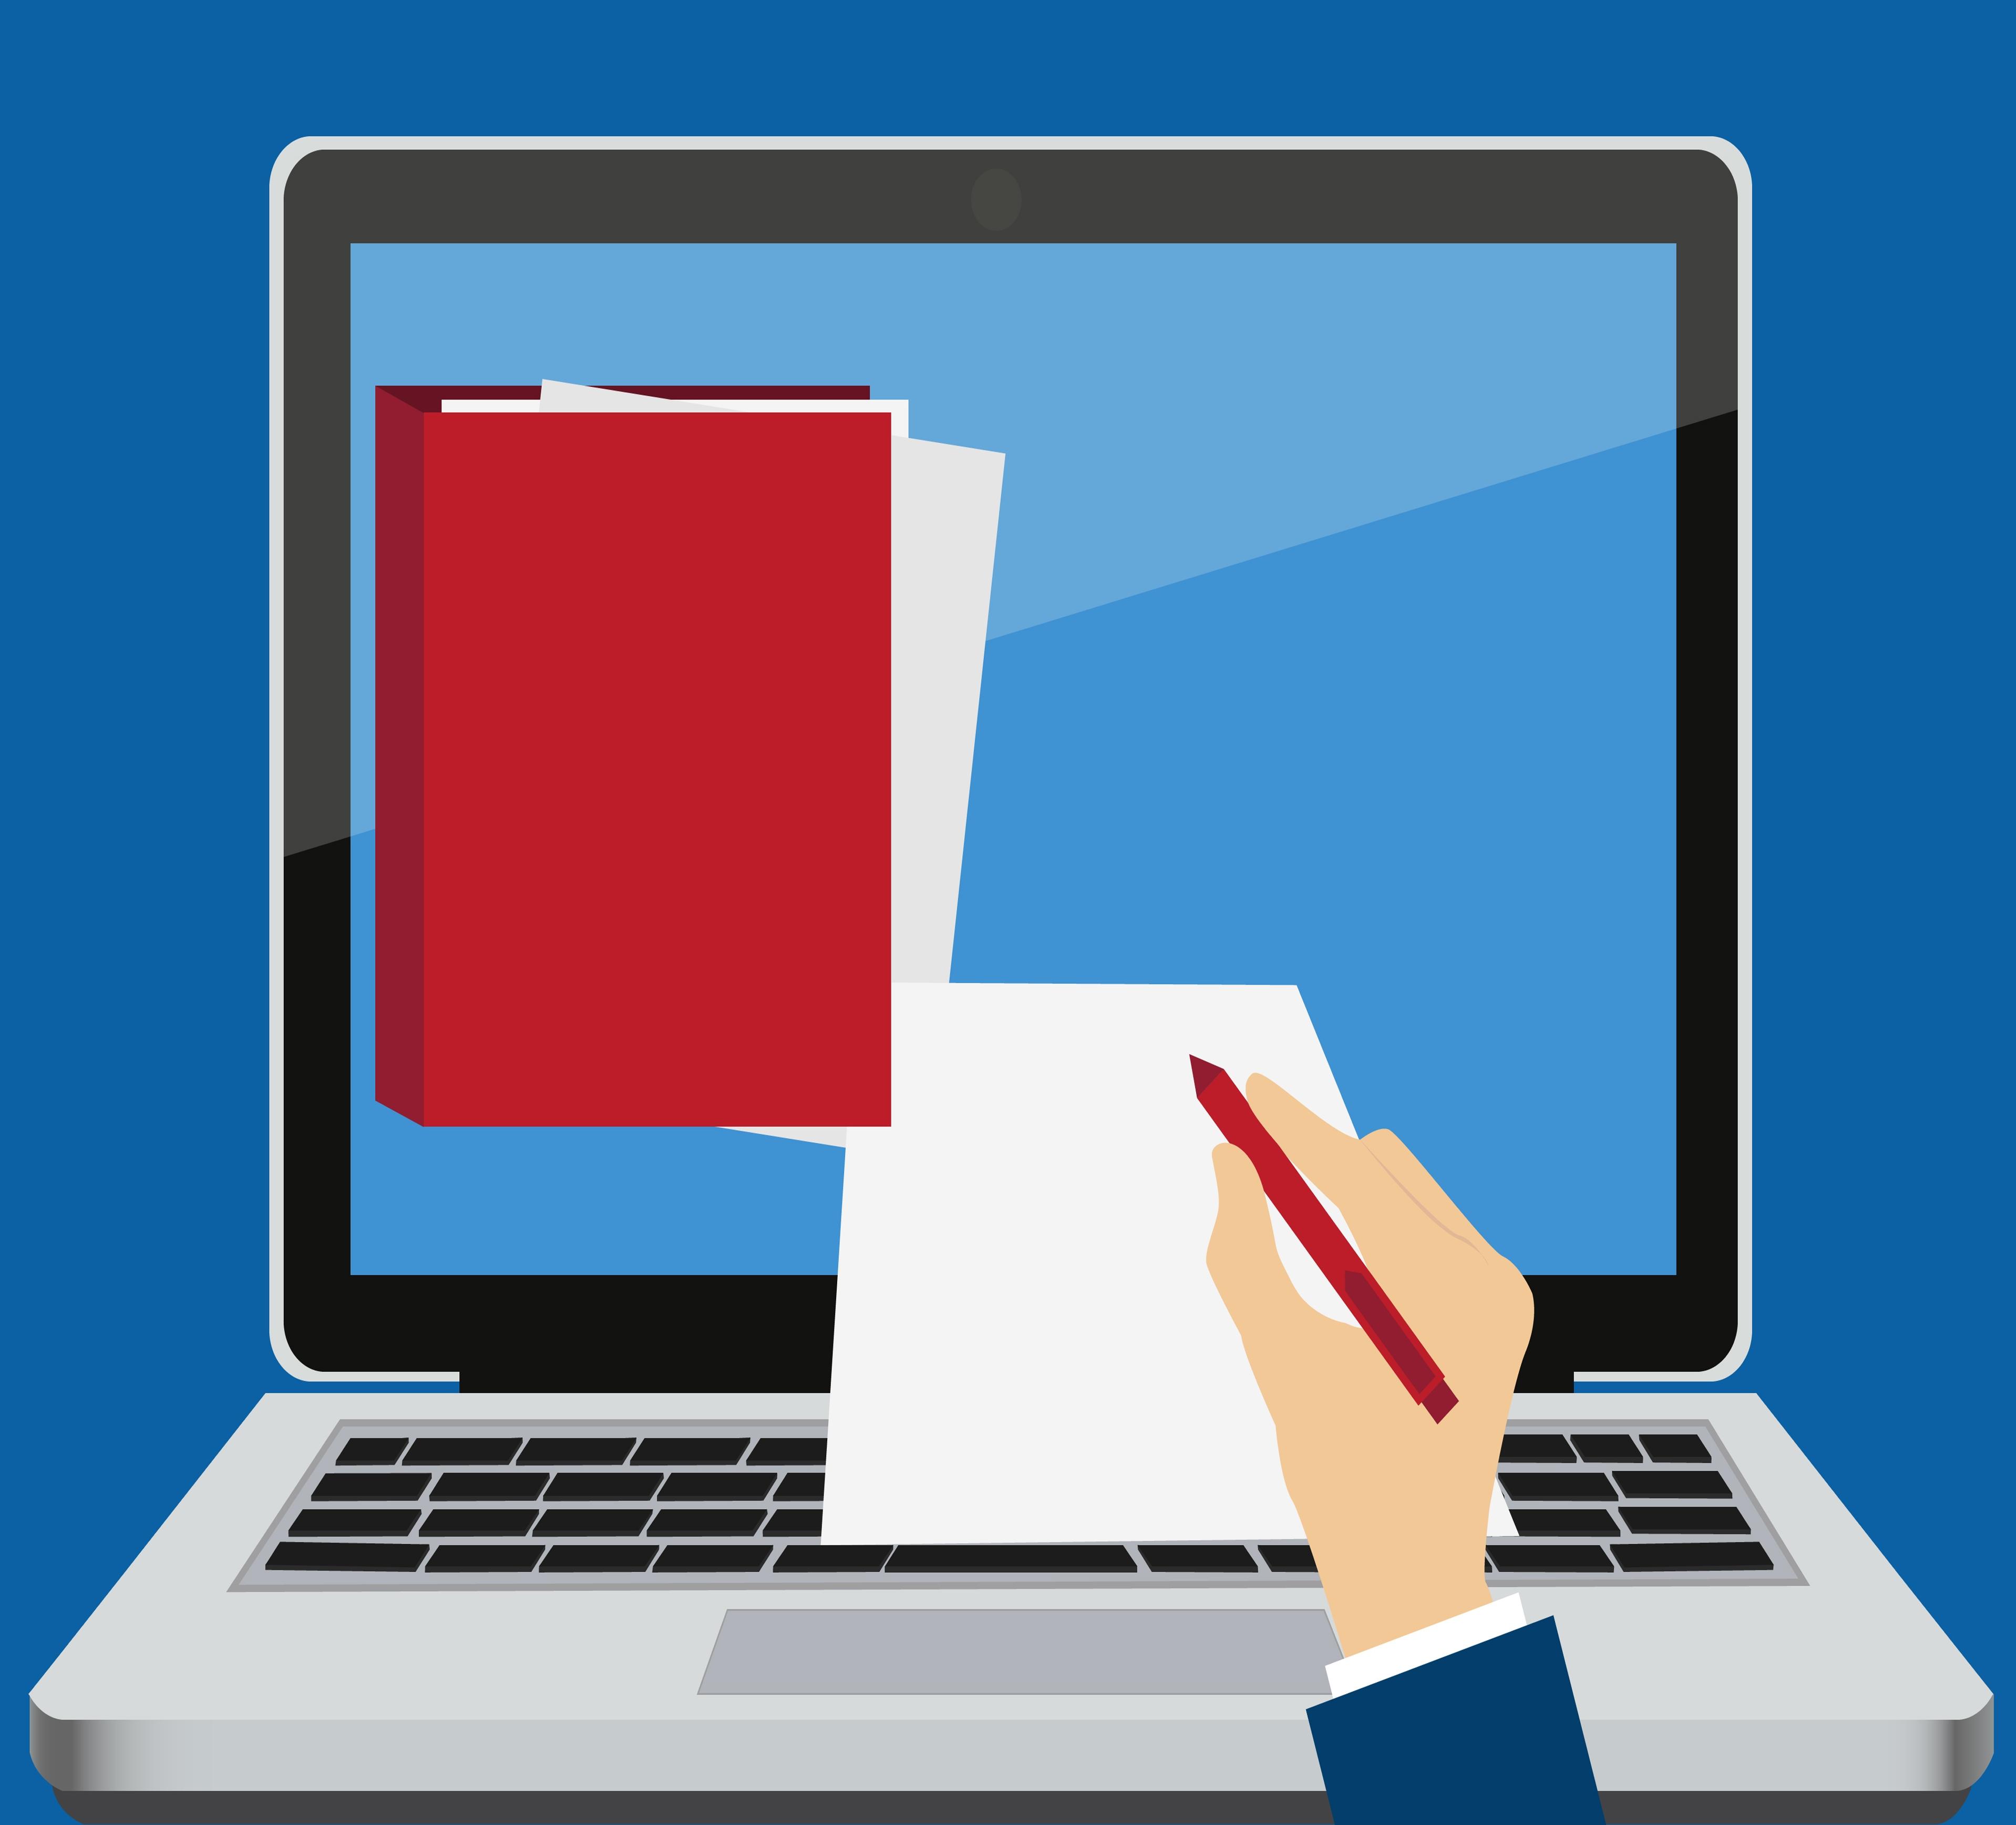 firma elettronica, dematerializzazione, documenti, pc